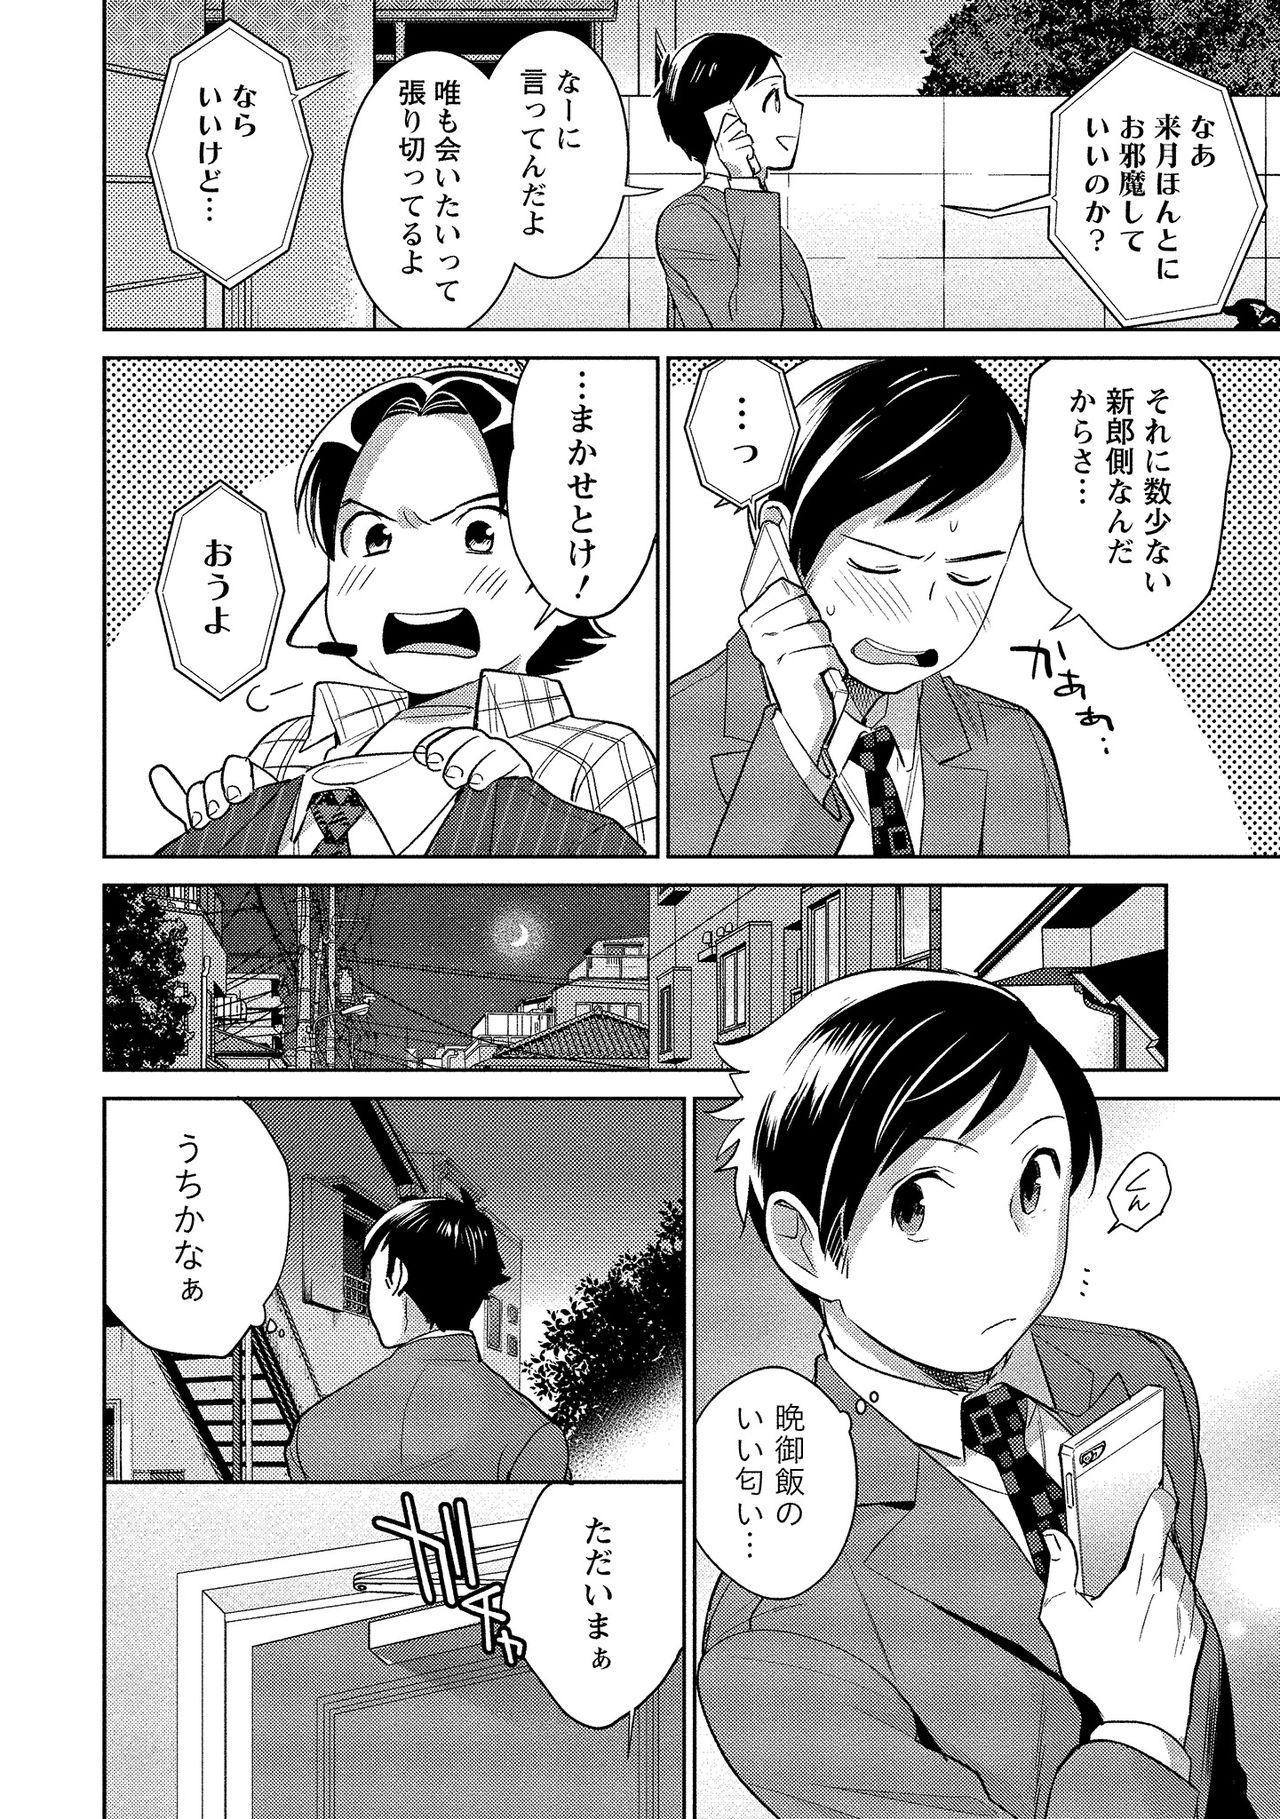 Dorobou Neko wa Kanojo no Hajimari 222